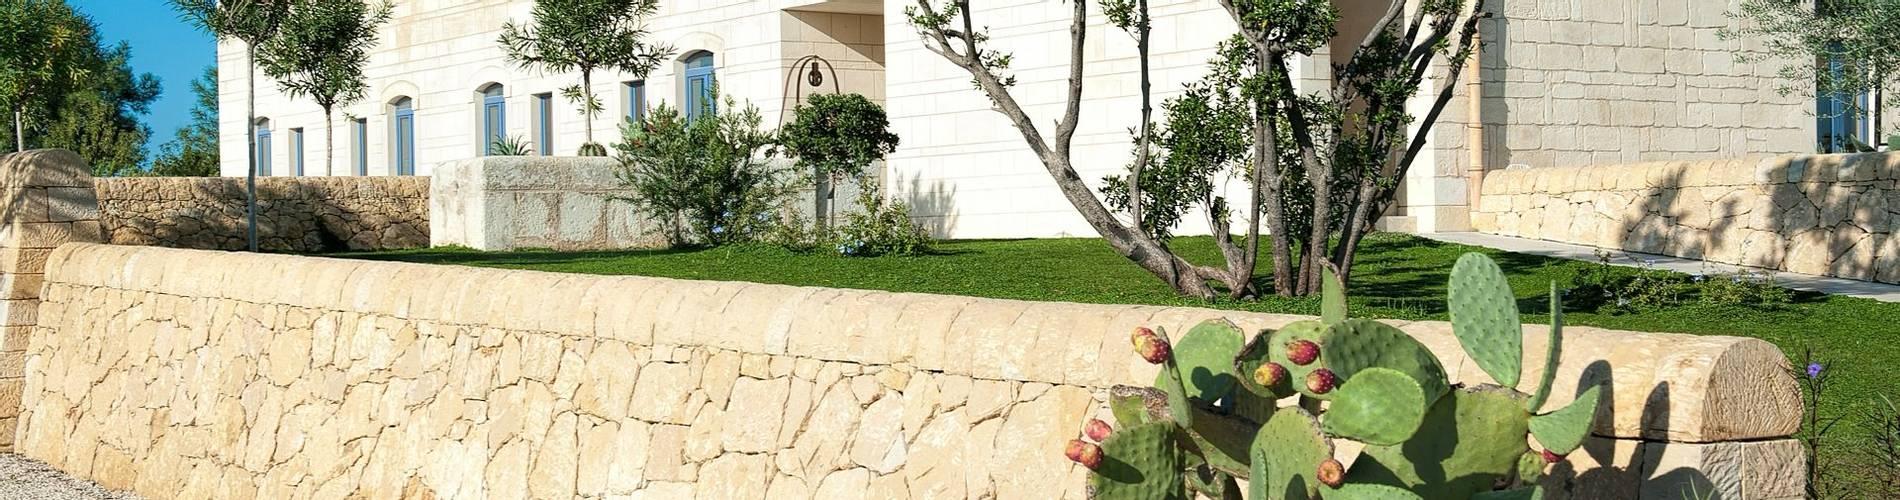 Masseria Della Volpe, Sicily, Italy (32).jpg